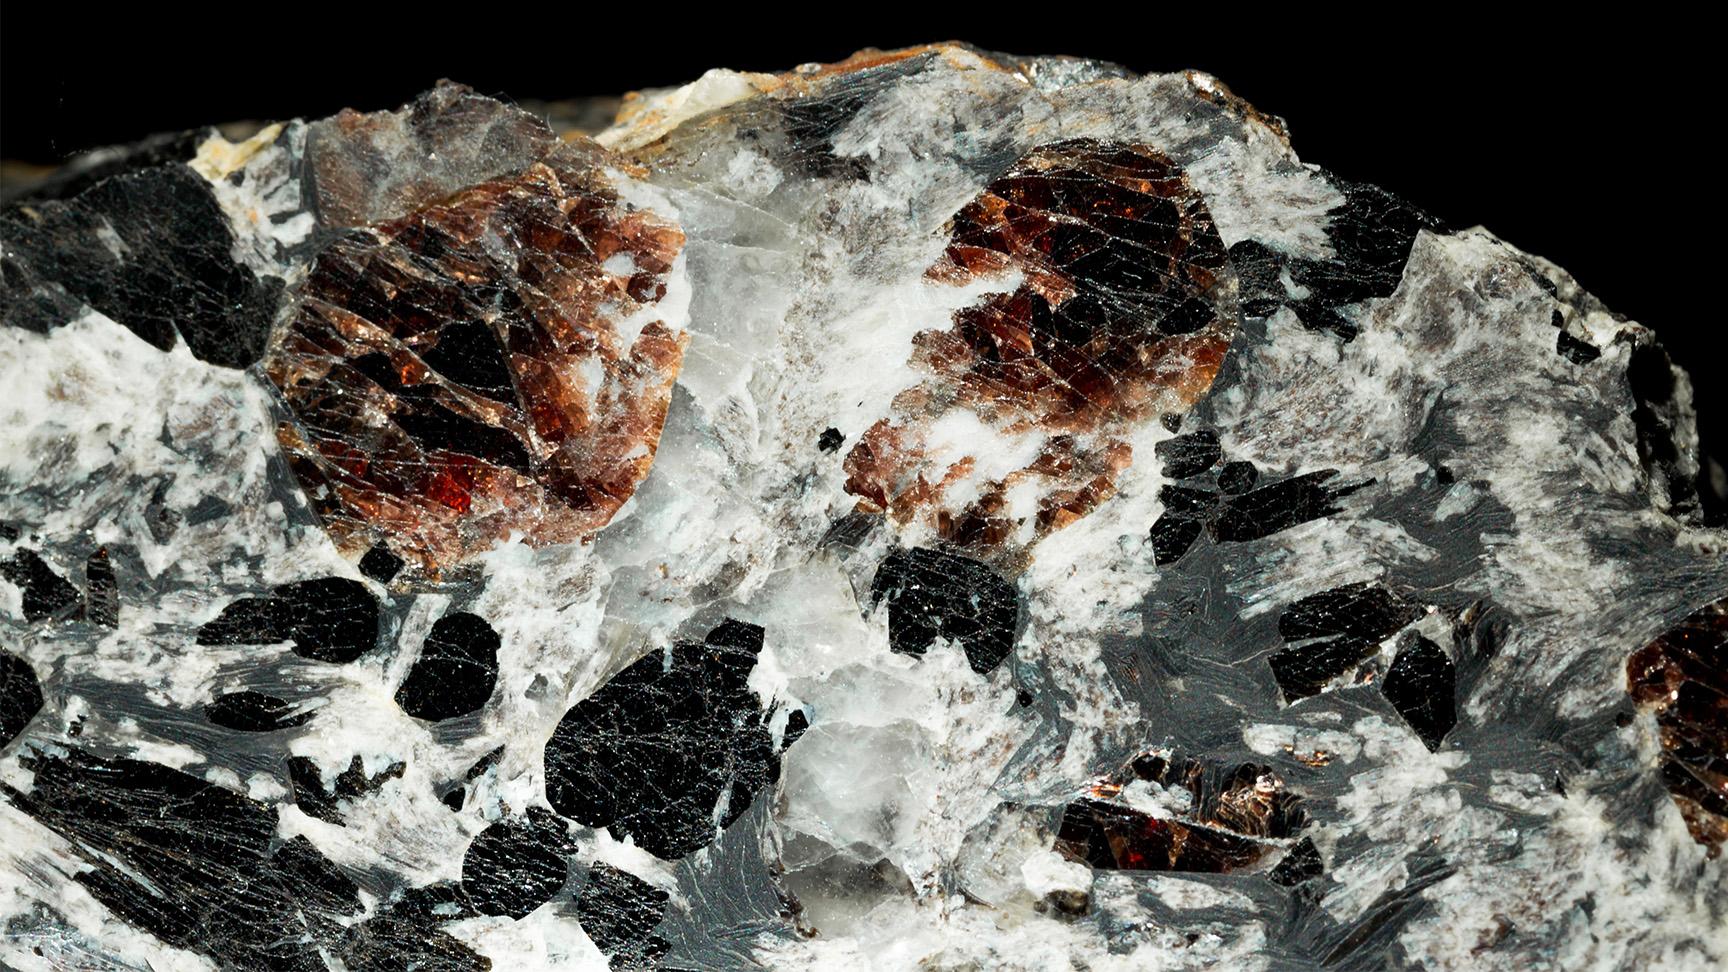 Almandine, Schorl, Feldspar, Quartz, Biotite